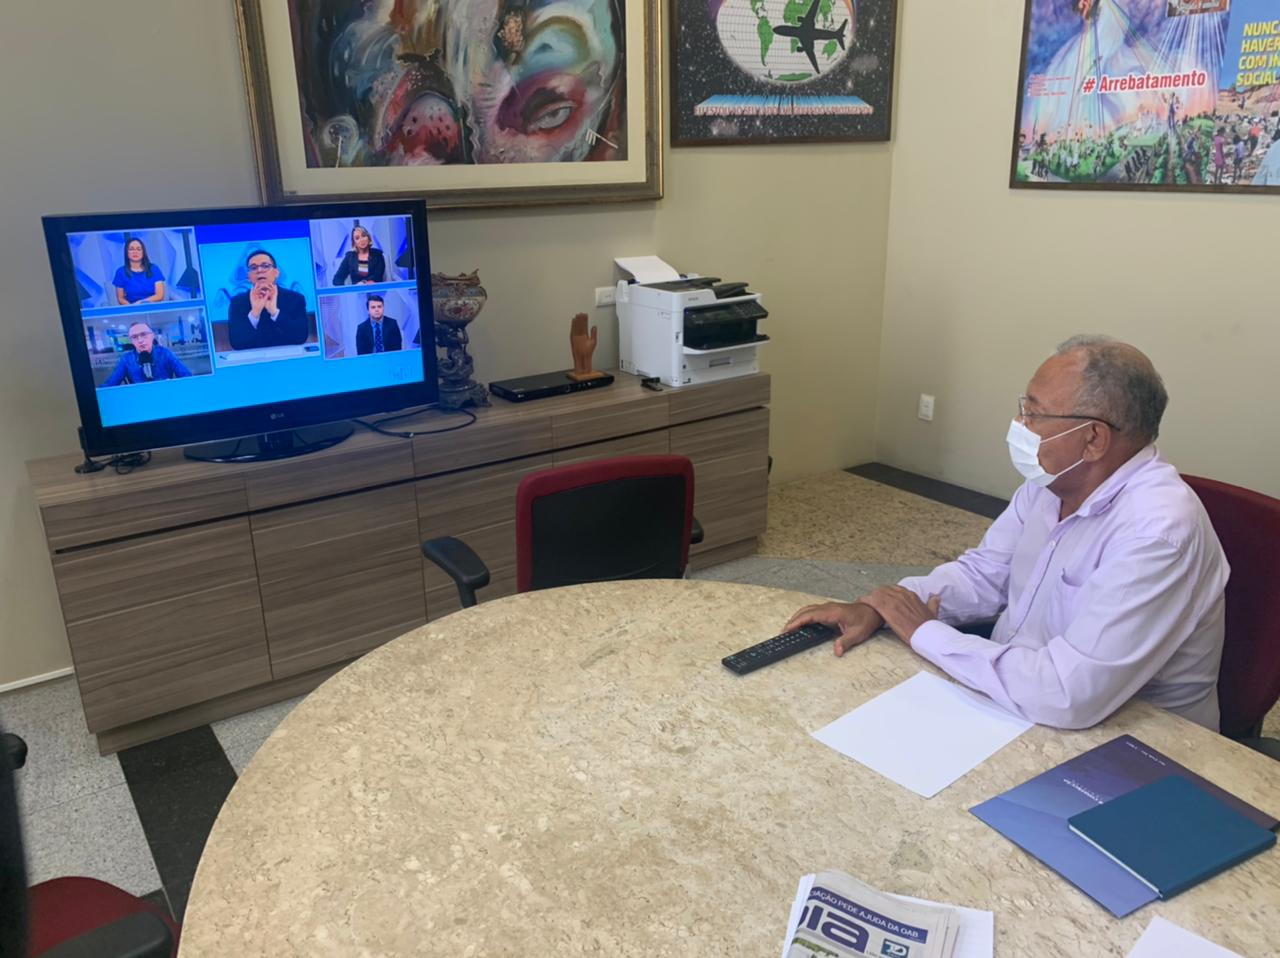 Dr. Pessoa nega que esteja cogitando disputar o Karnak em 2022 - Imagem 1